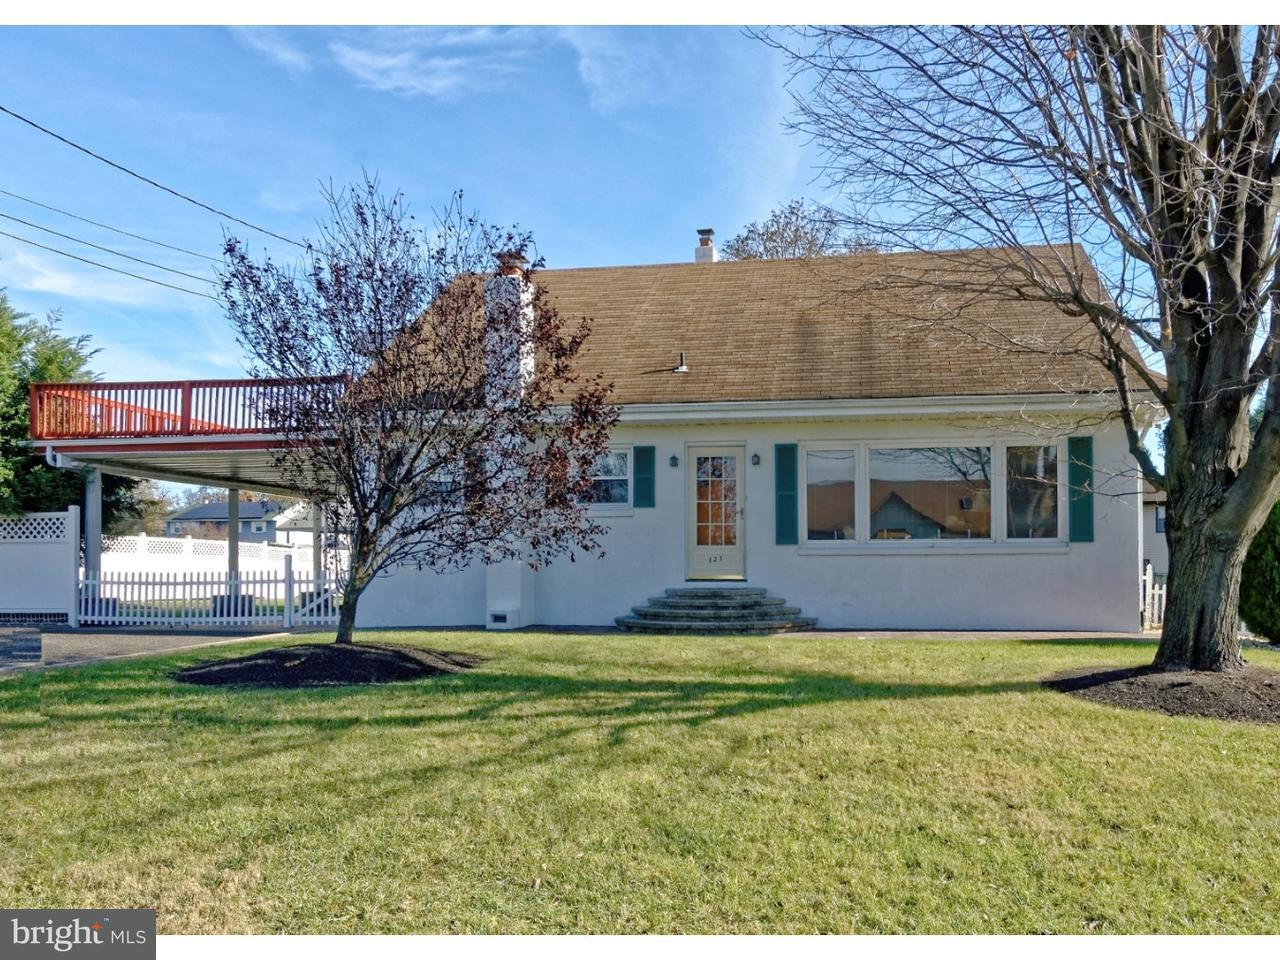 Частный односемейный дом для того Продажа на 121 PATTERSON Avenue Bellmawr, Нью-Джерси 08031 Соединенные Штаты